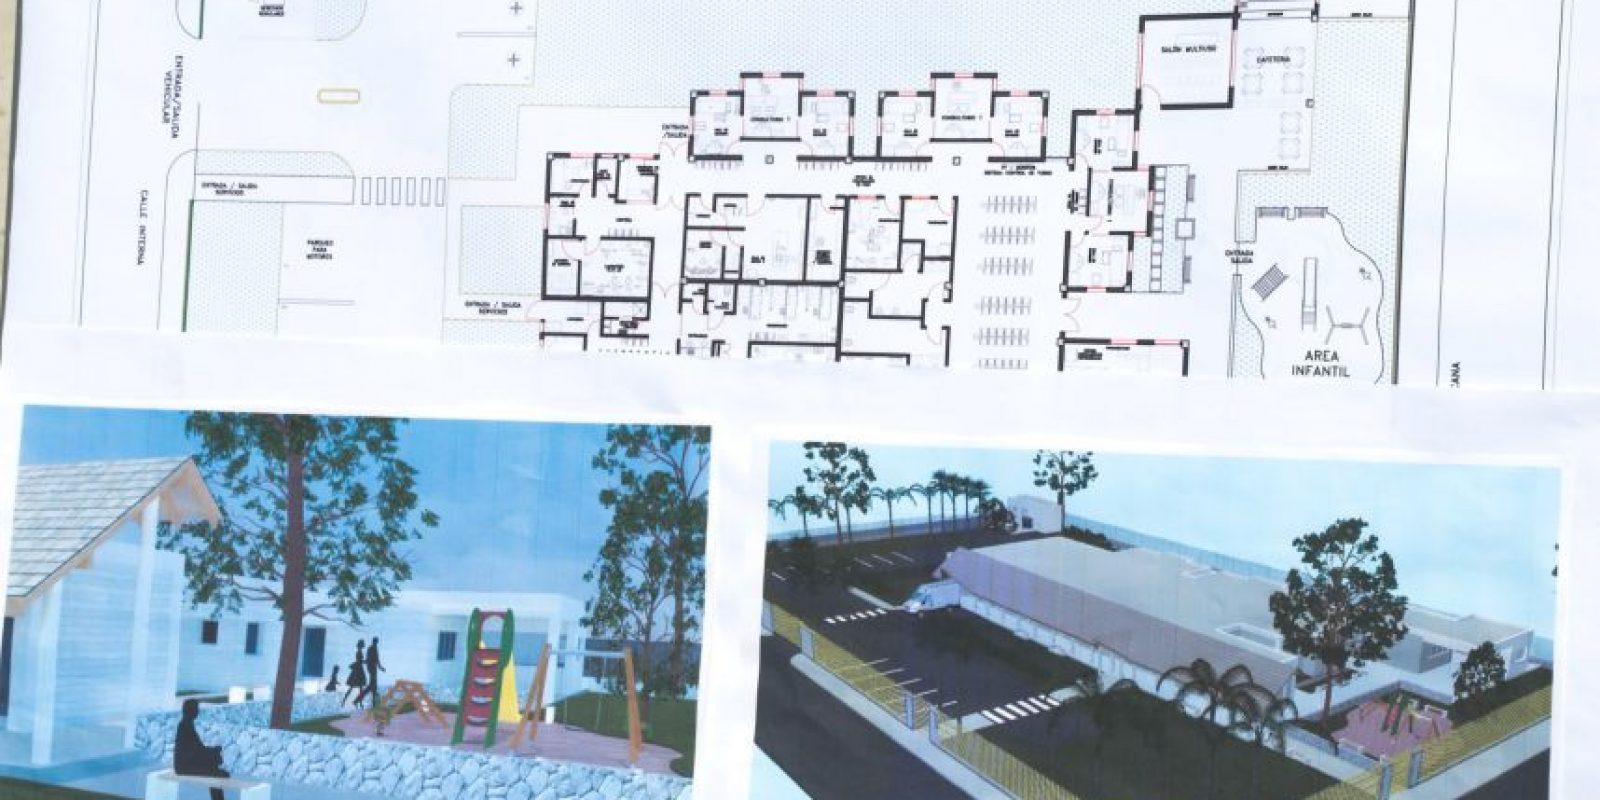 Plano y maquetas del hospital pediátrico que construye la Fundación Puntacana.